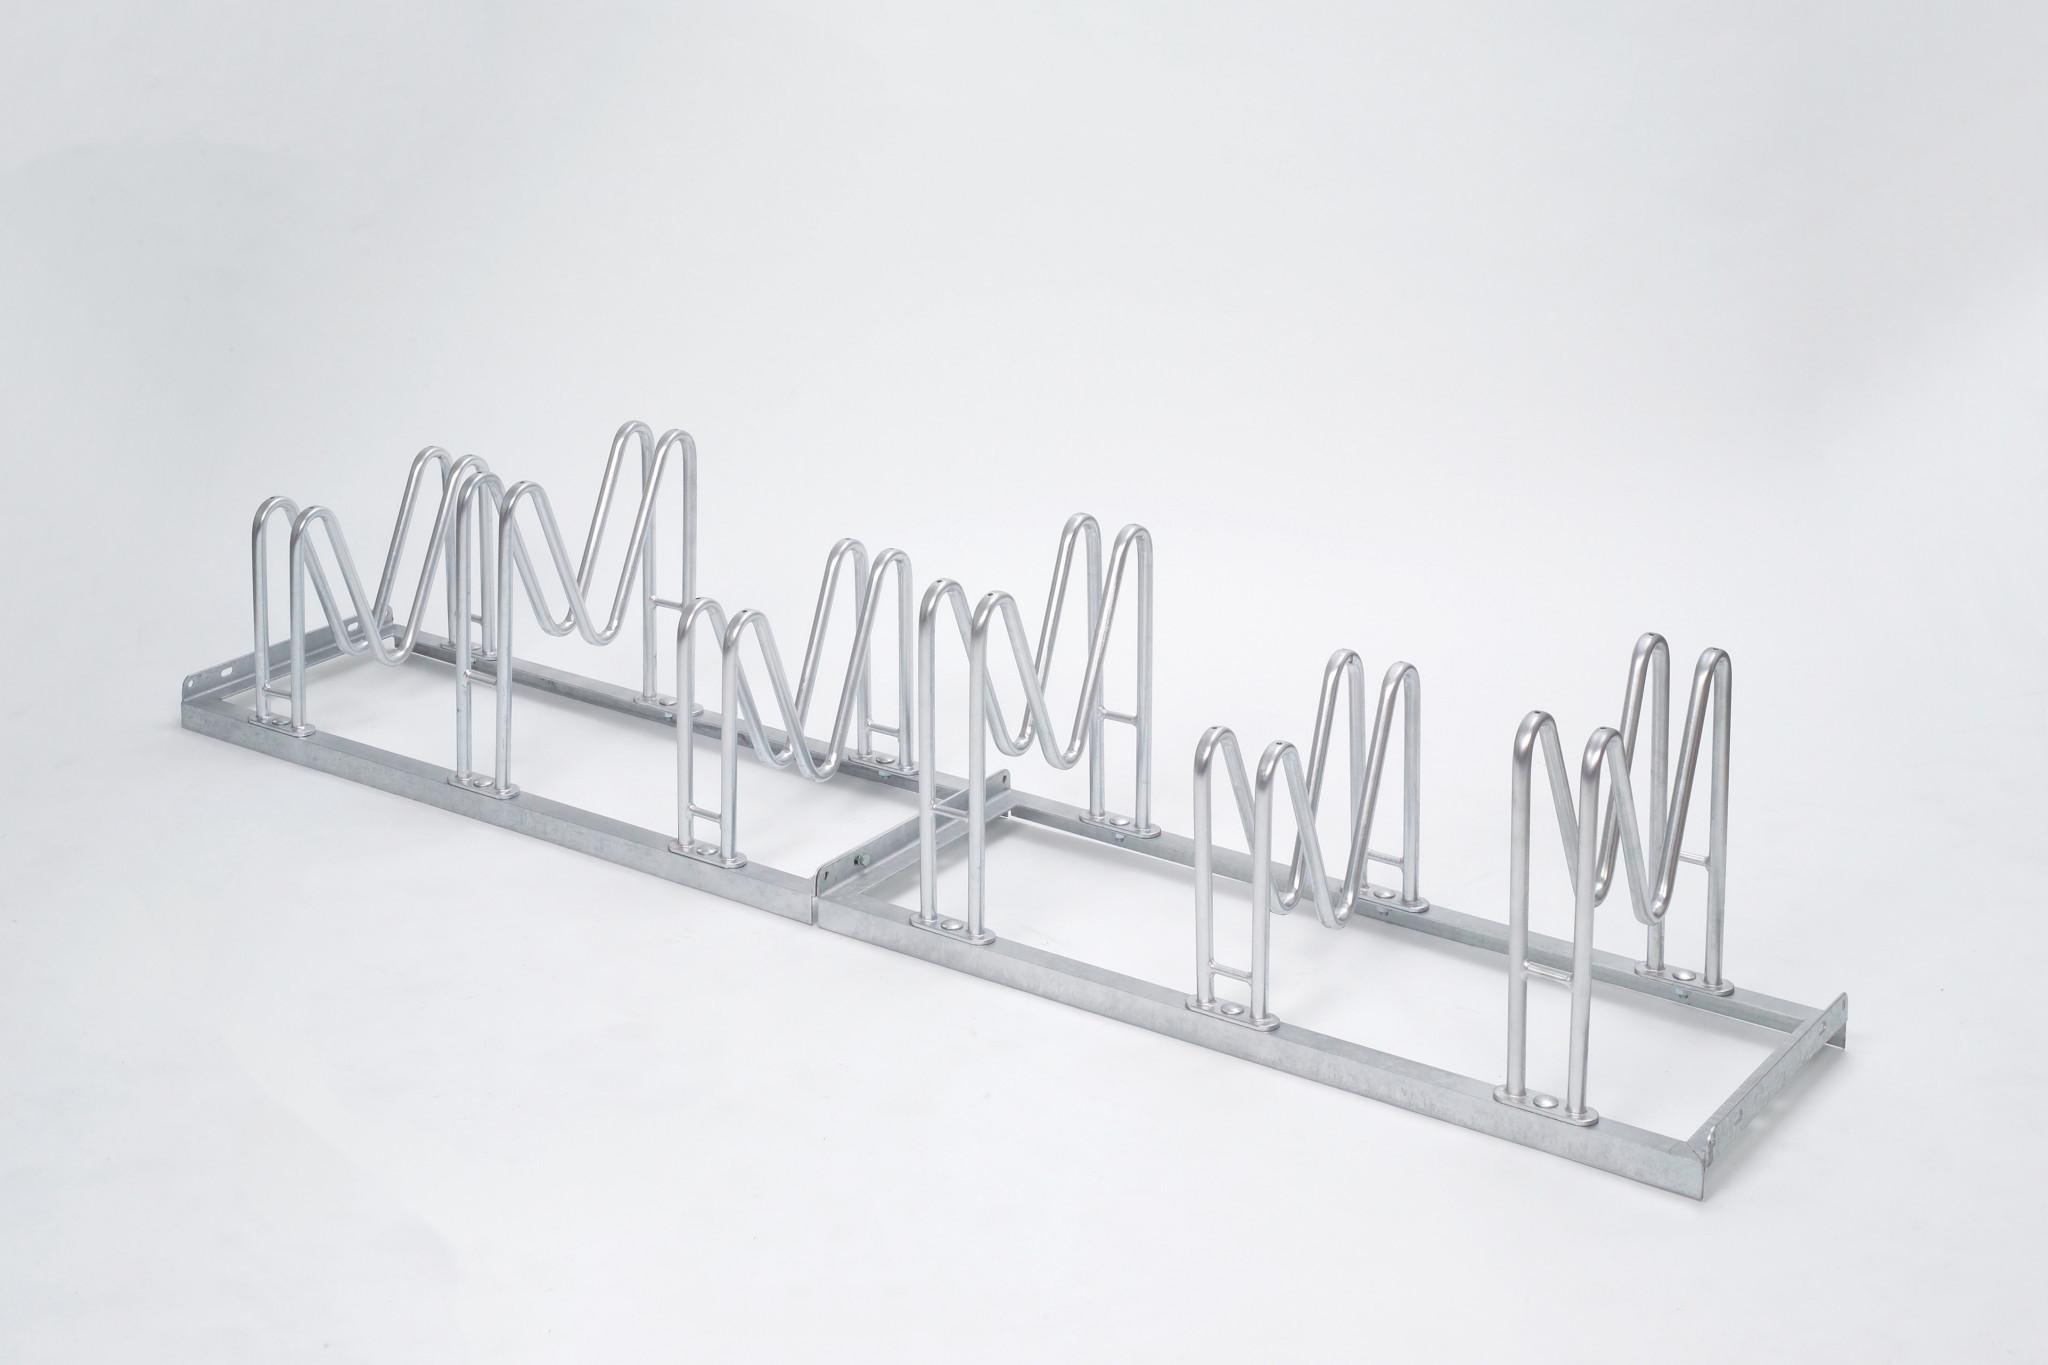 Fahrradständer 8055 1750mm einseitigFahrradMultiparker5 Stellplätze